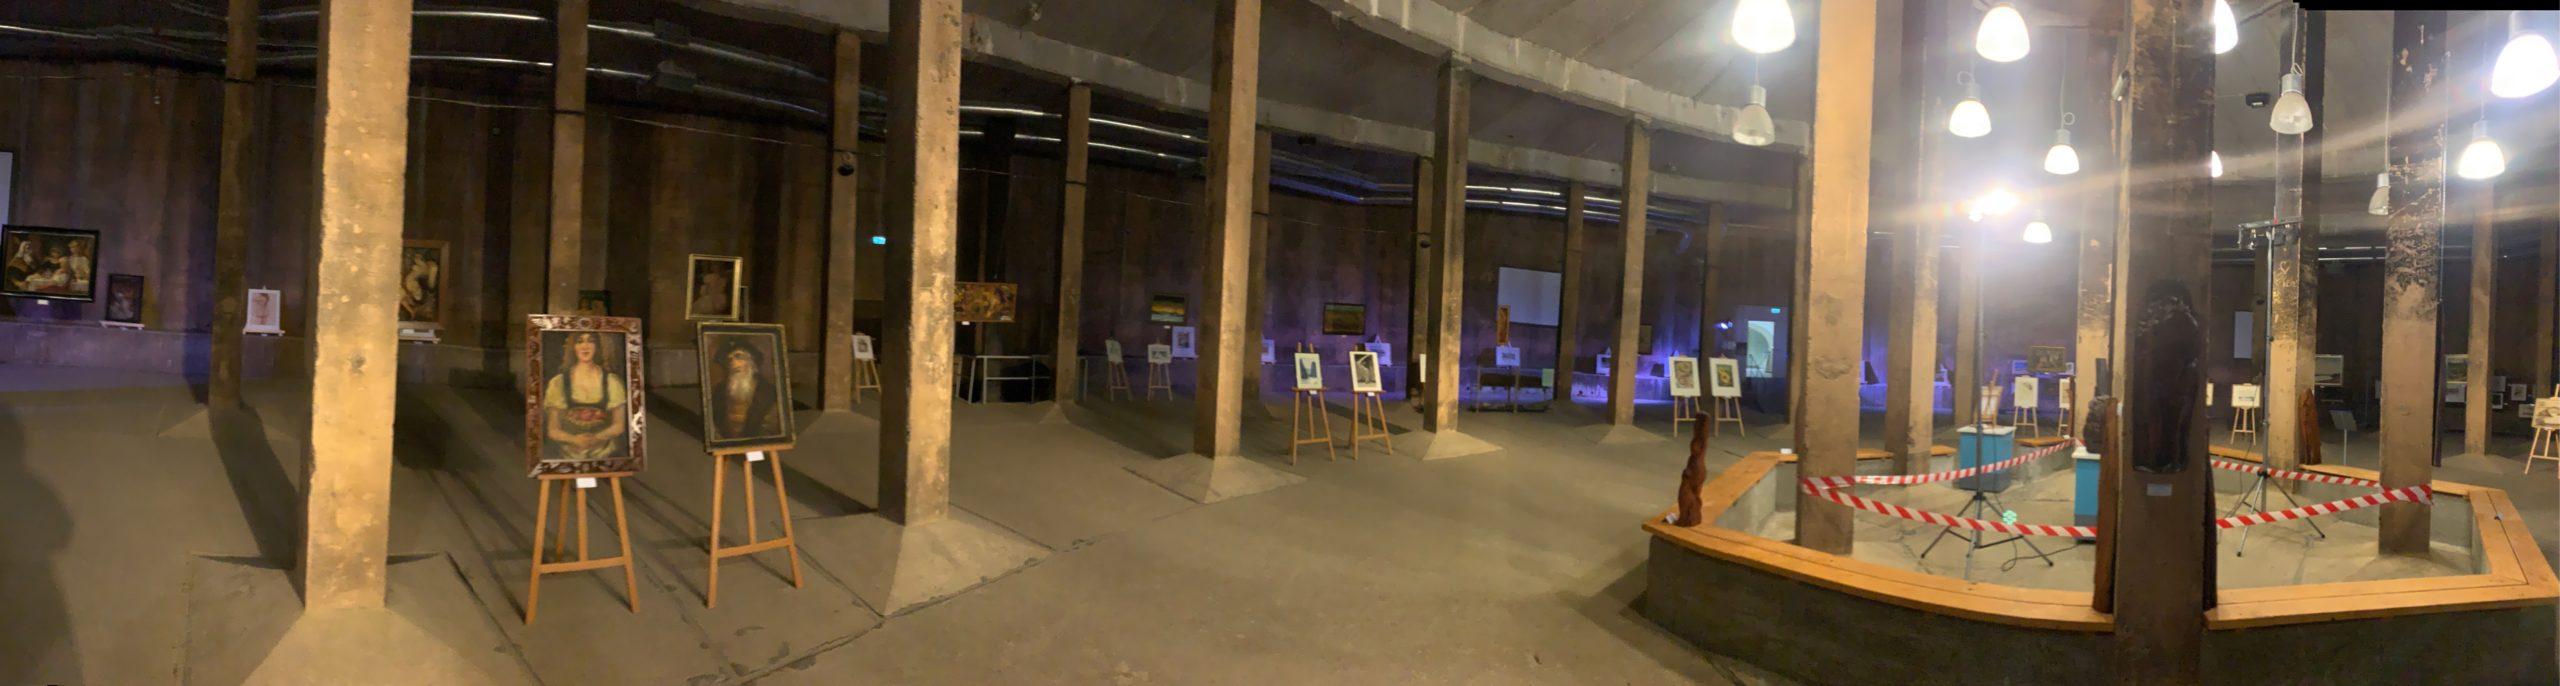 Kunstausstellung Thronicke